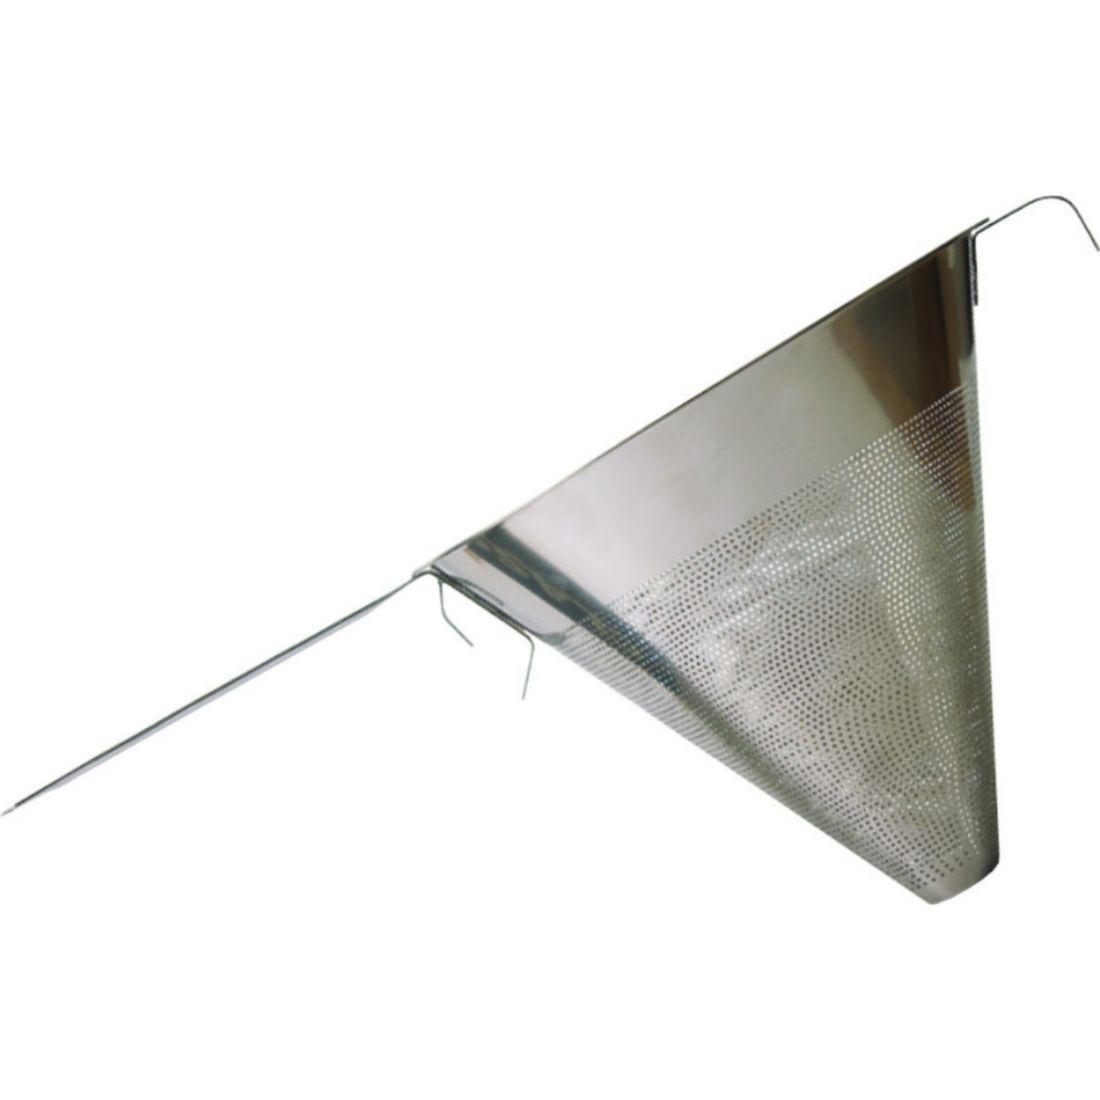 Cedník špičák jemný pr. 23 cm